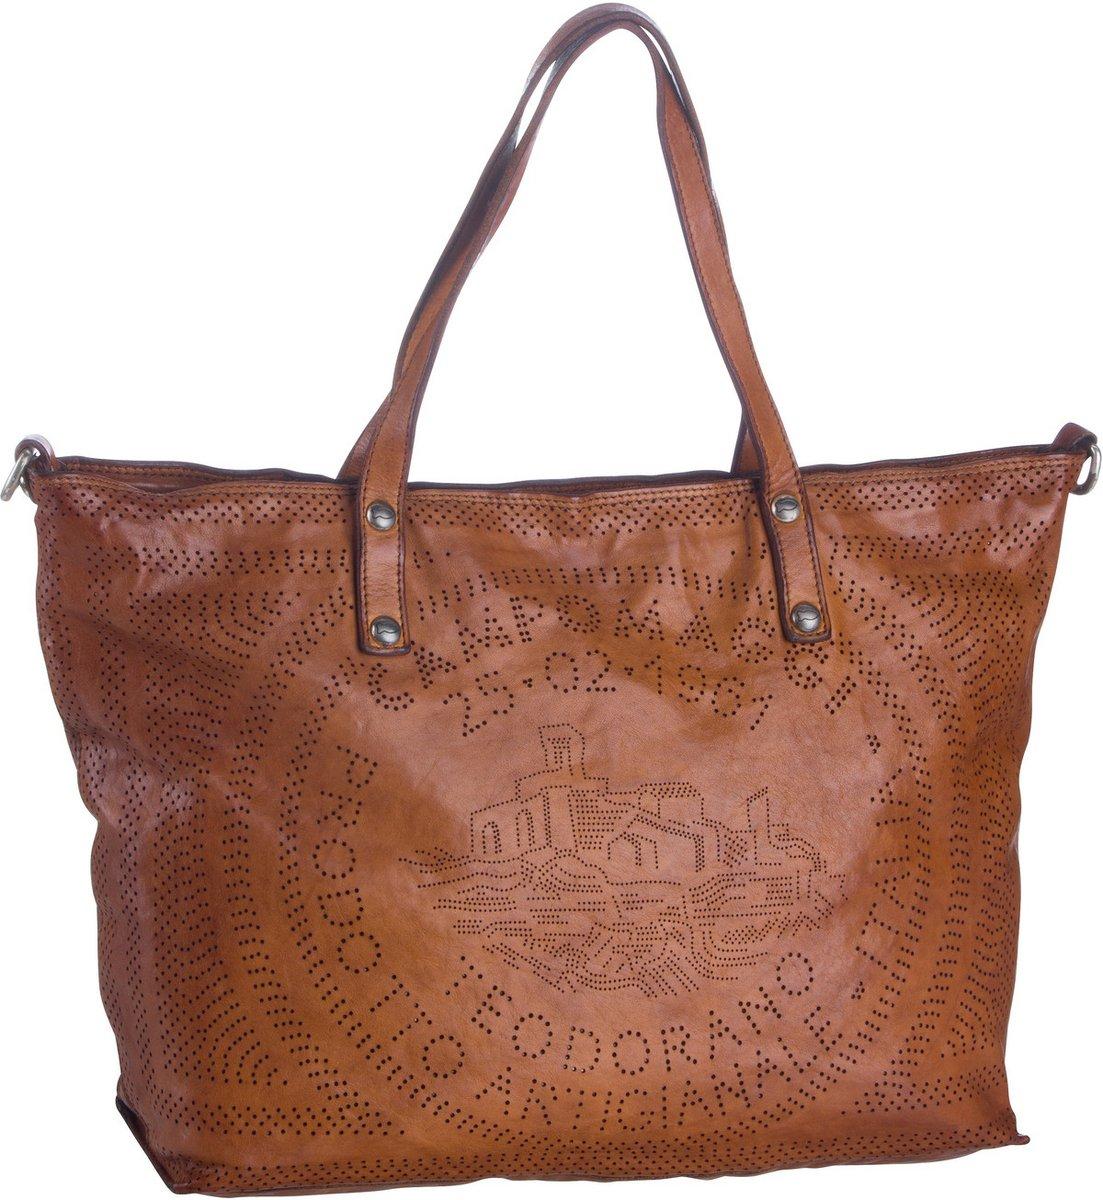 Suchergebnis auf für: Guess Hüfttaschen: Koffer